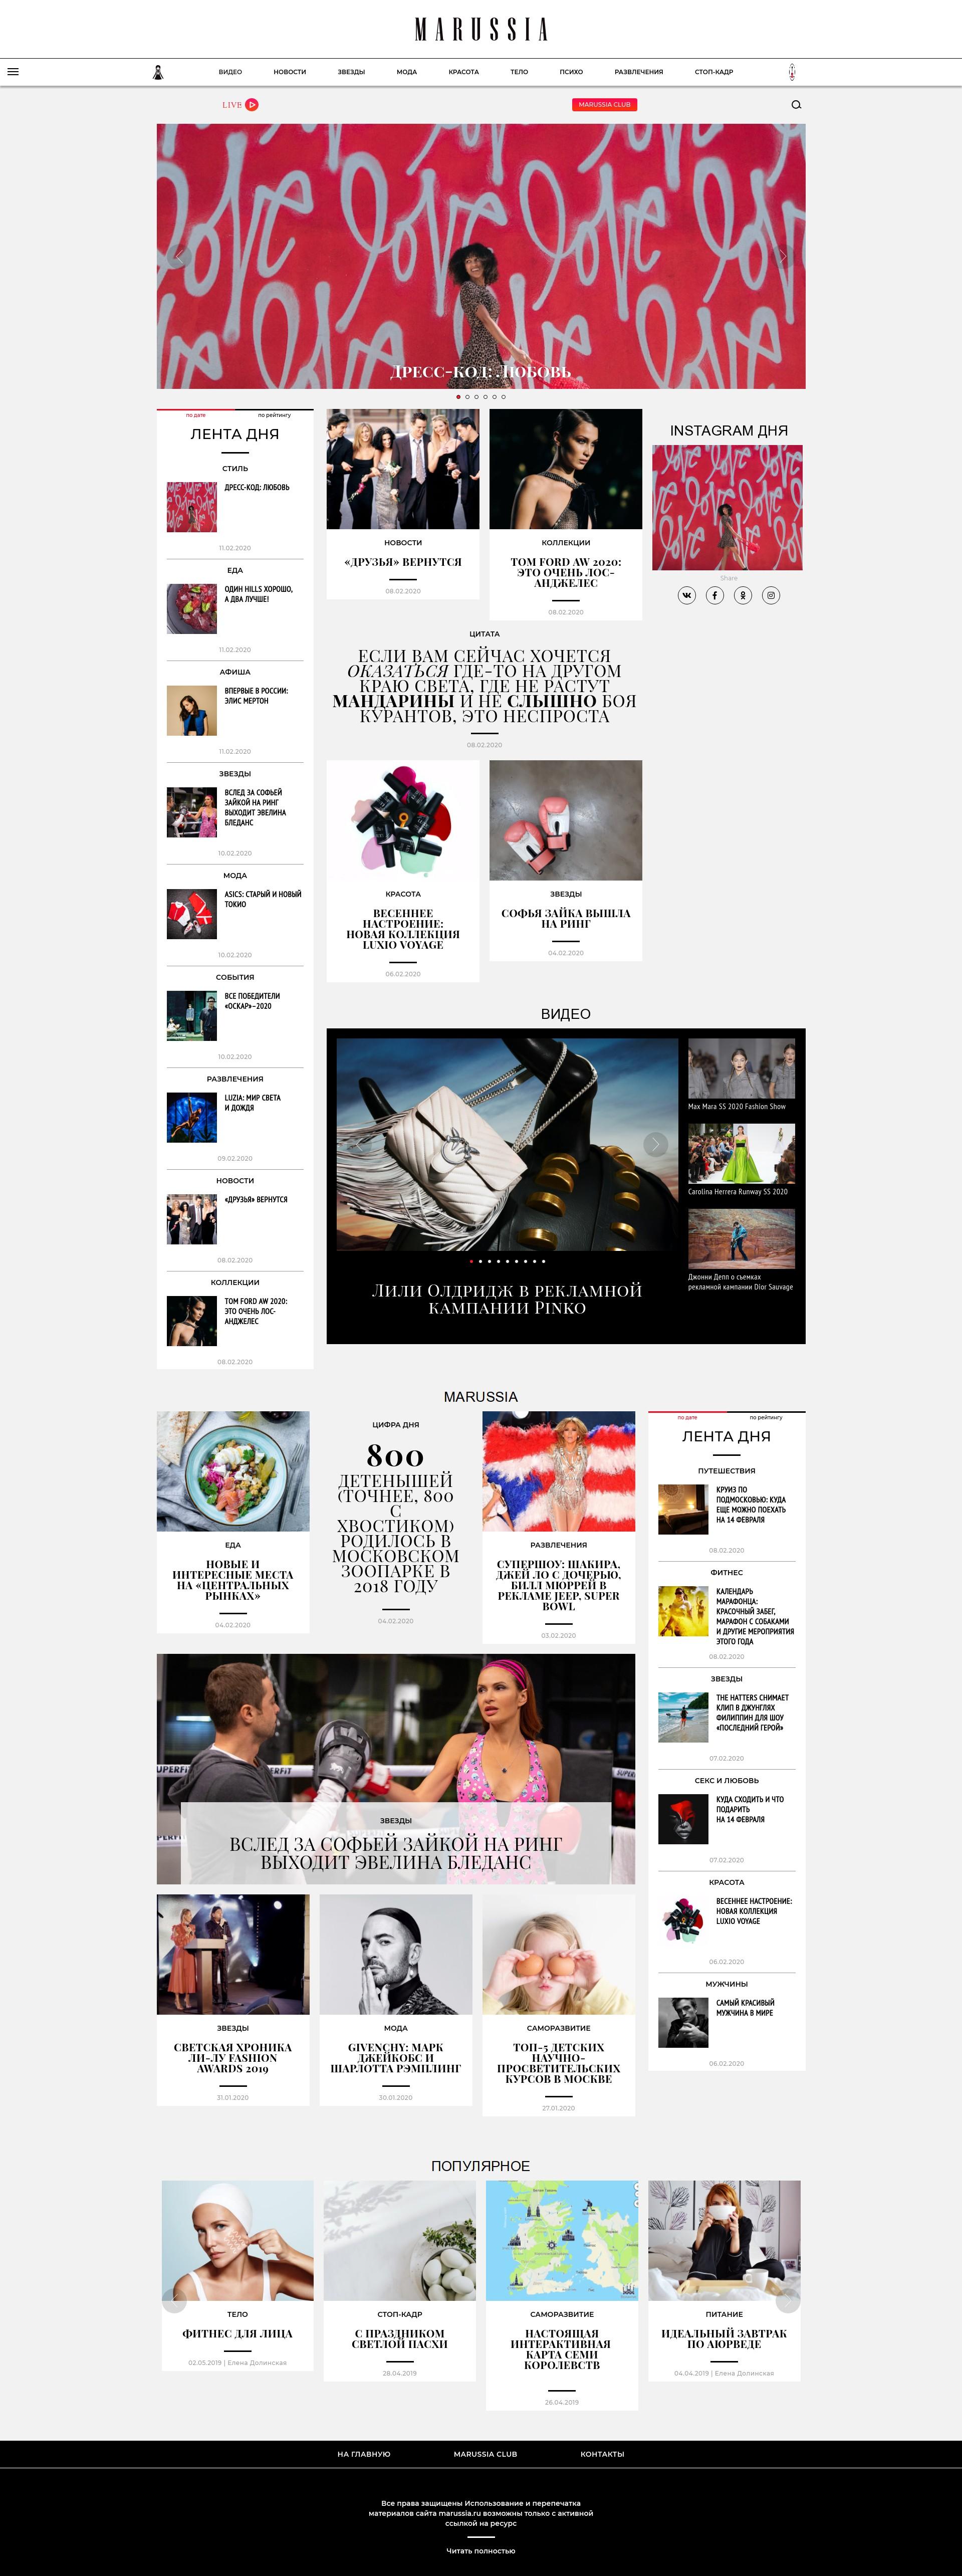 Новости из мира Фэшн - (Новостной портал) - WordPress